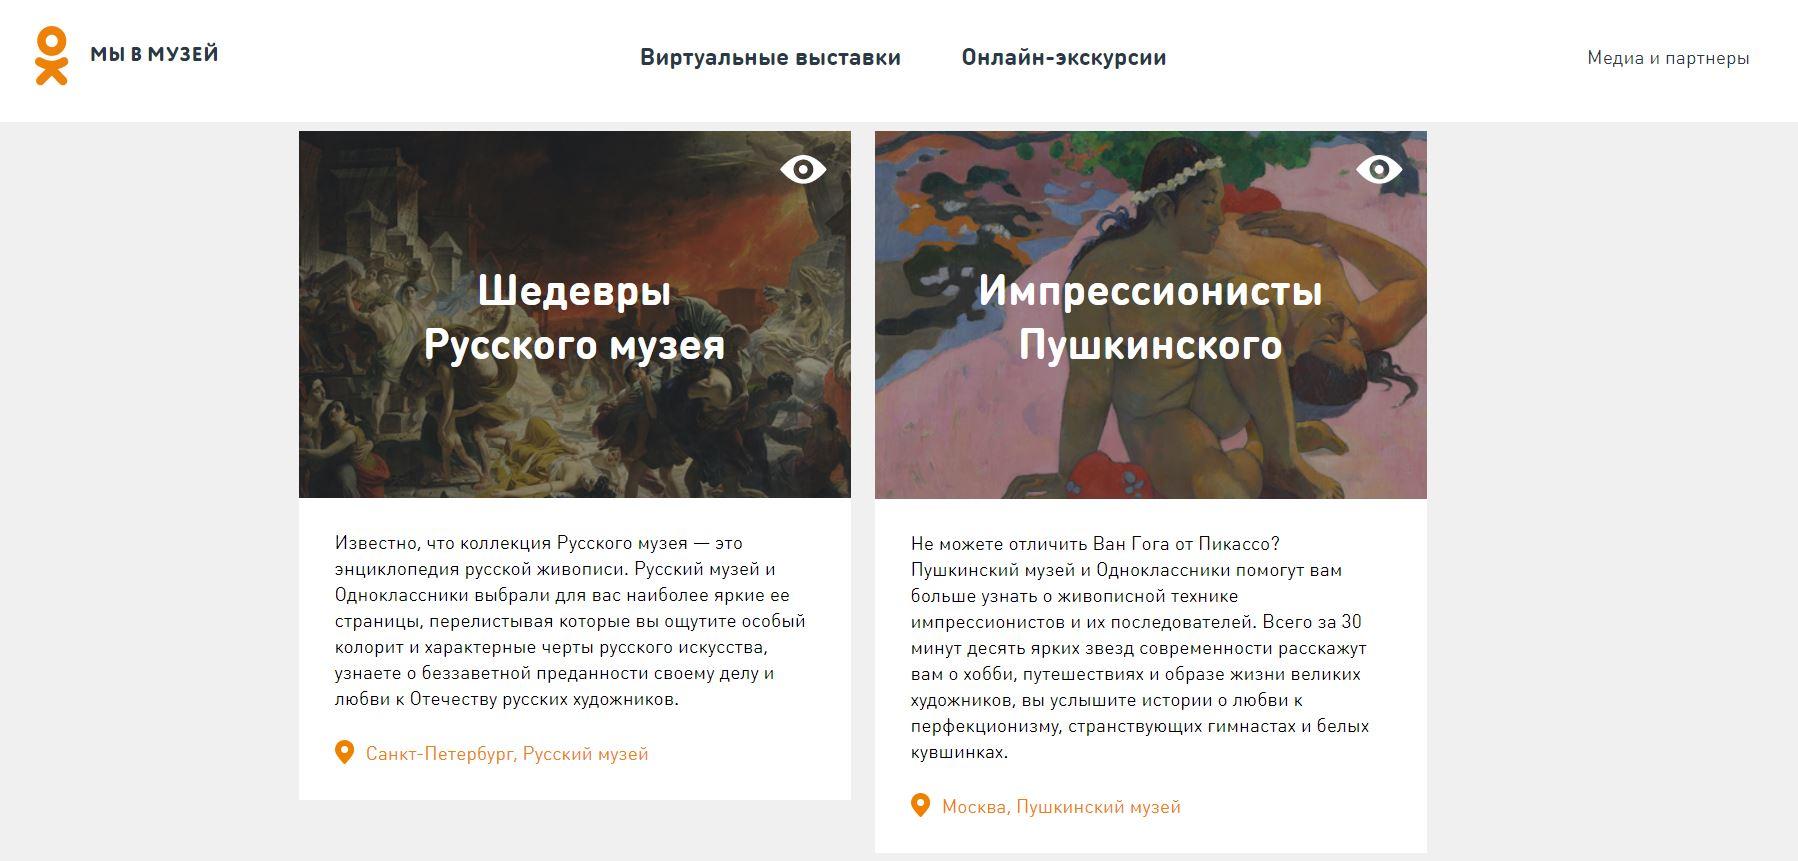 Onlineführungen durch Museen bei Odnoklassniki